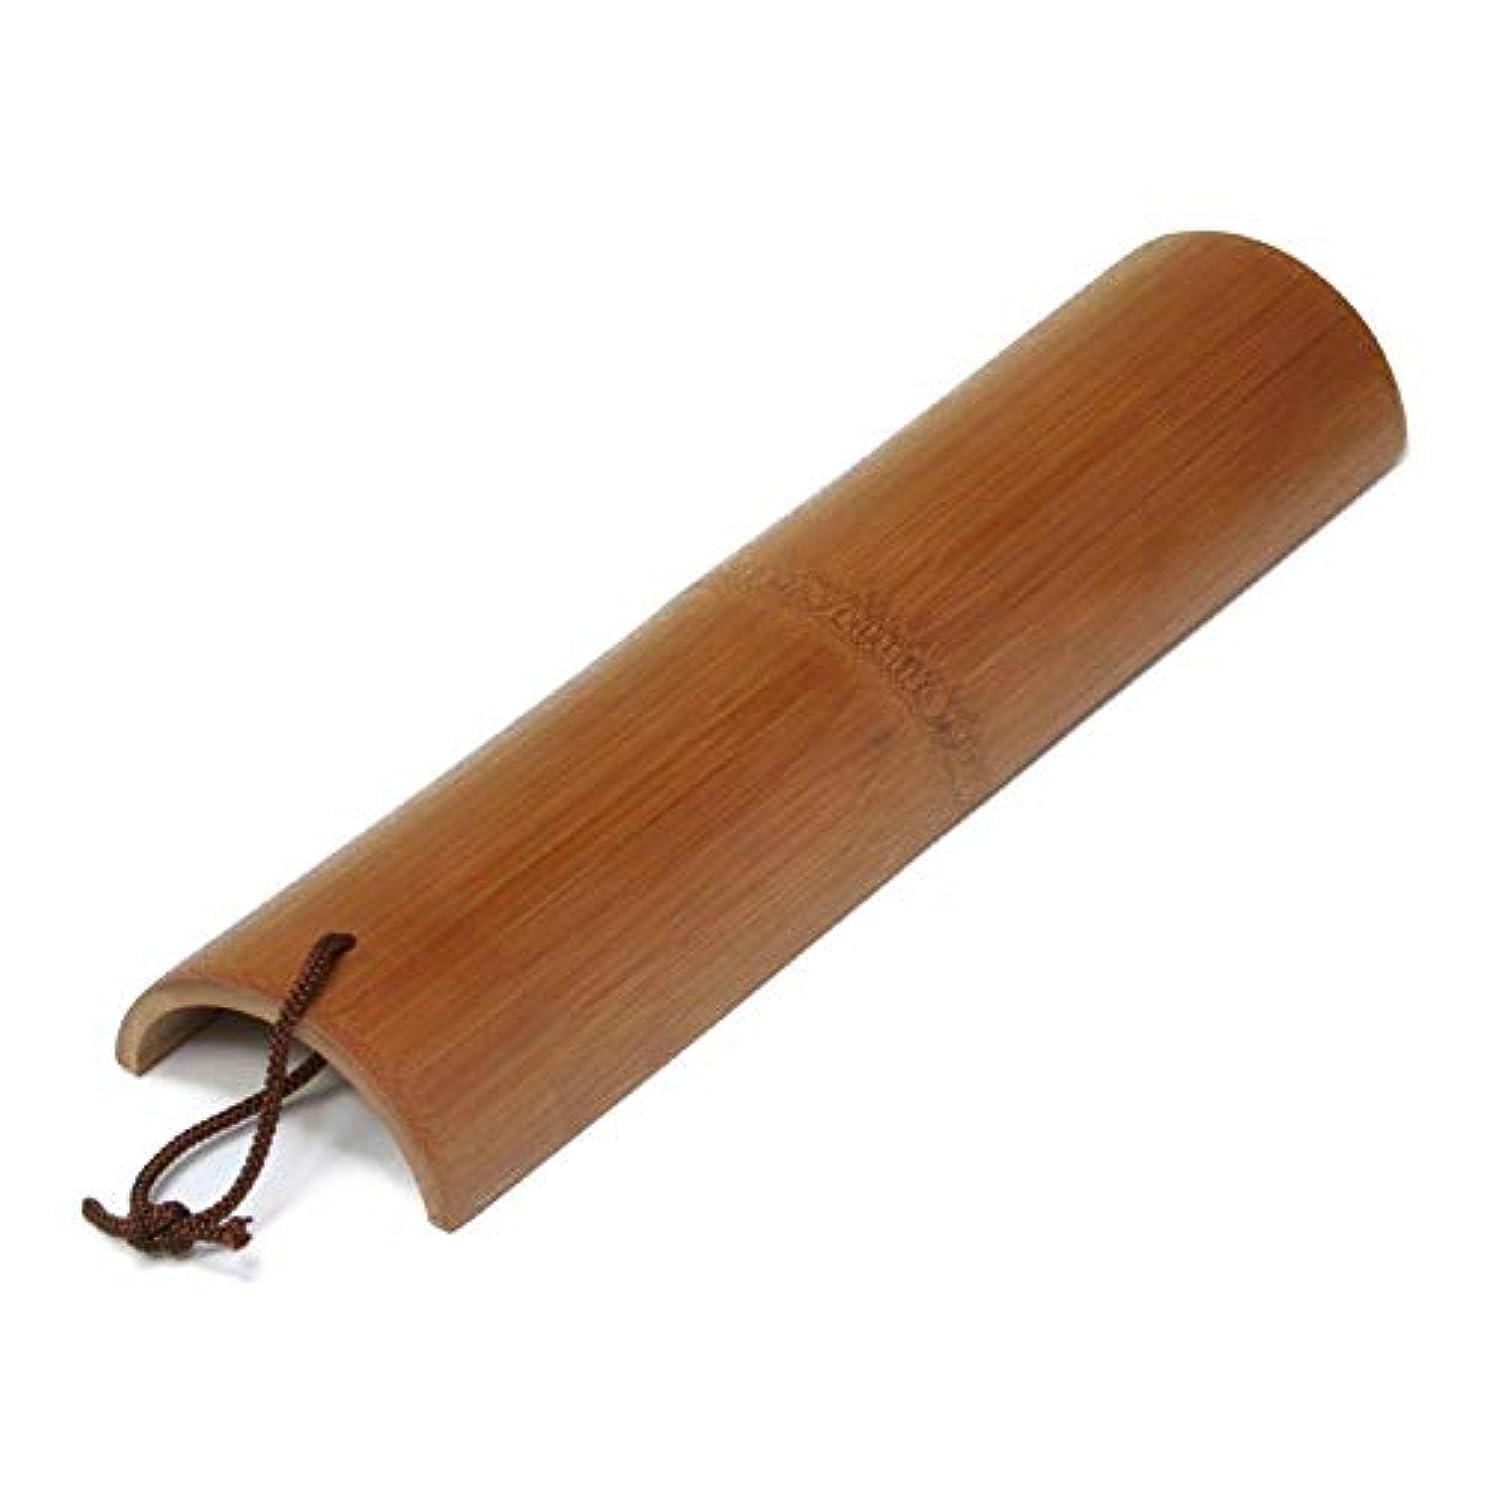 手数料サークルトマト炭化竹製「大判?踏み竹」 「竹の本場?大分県」よりお届けします